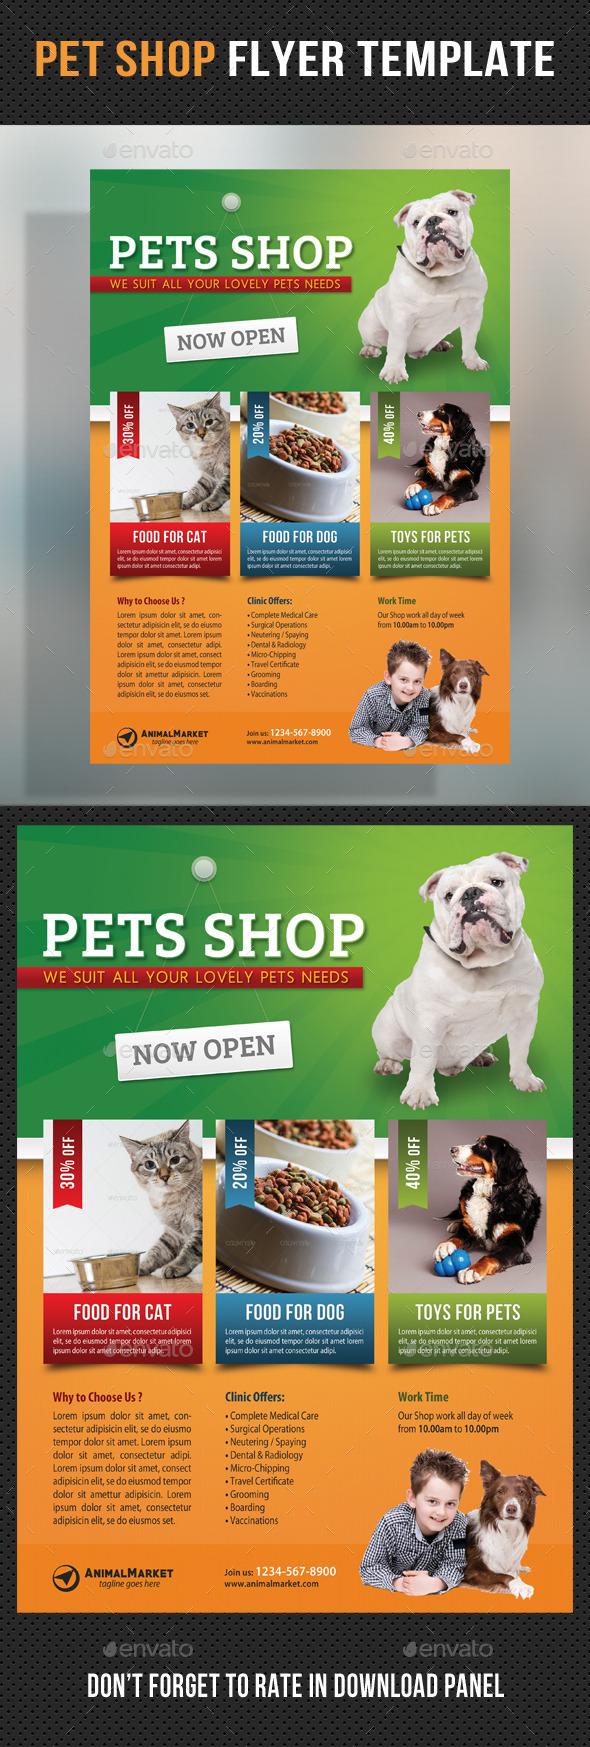 GraphicRiver Pet Shop Flyer Template 11118556